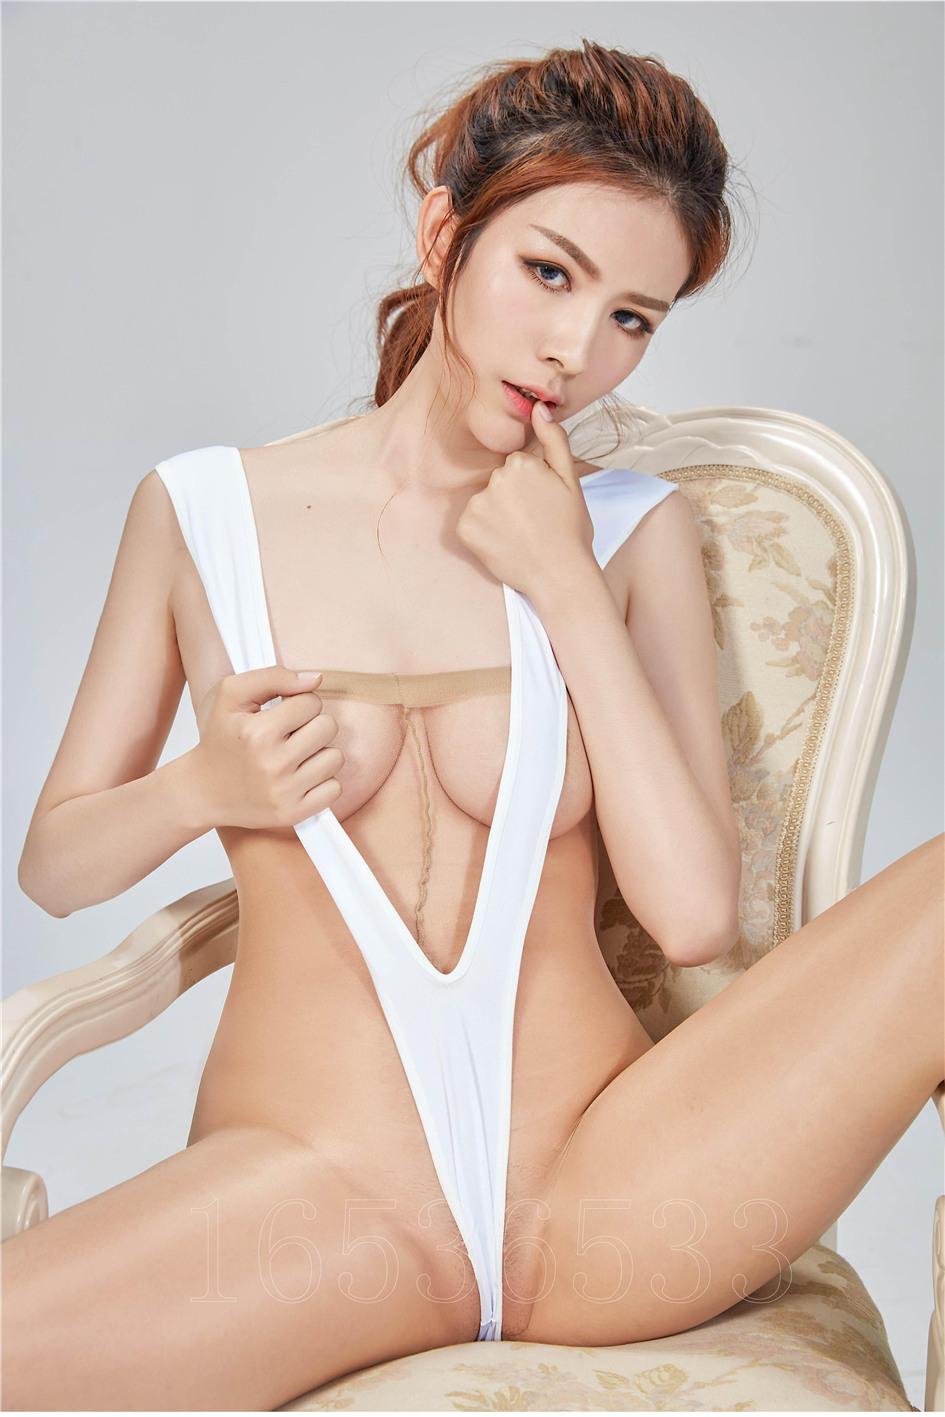 [爱丝] 高开叉泳衣模特文静人体艺术丝袜美腿图片